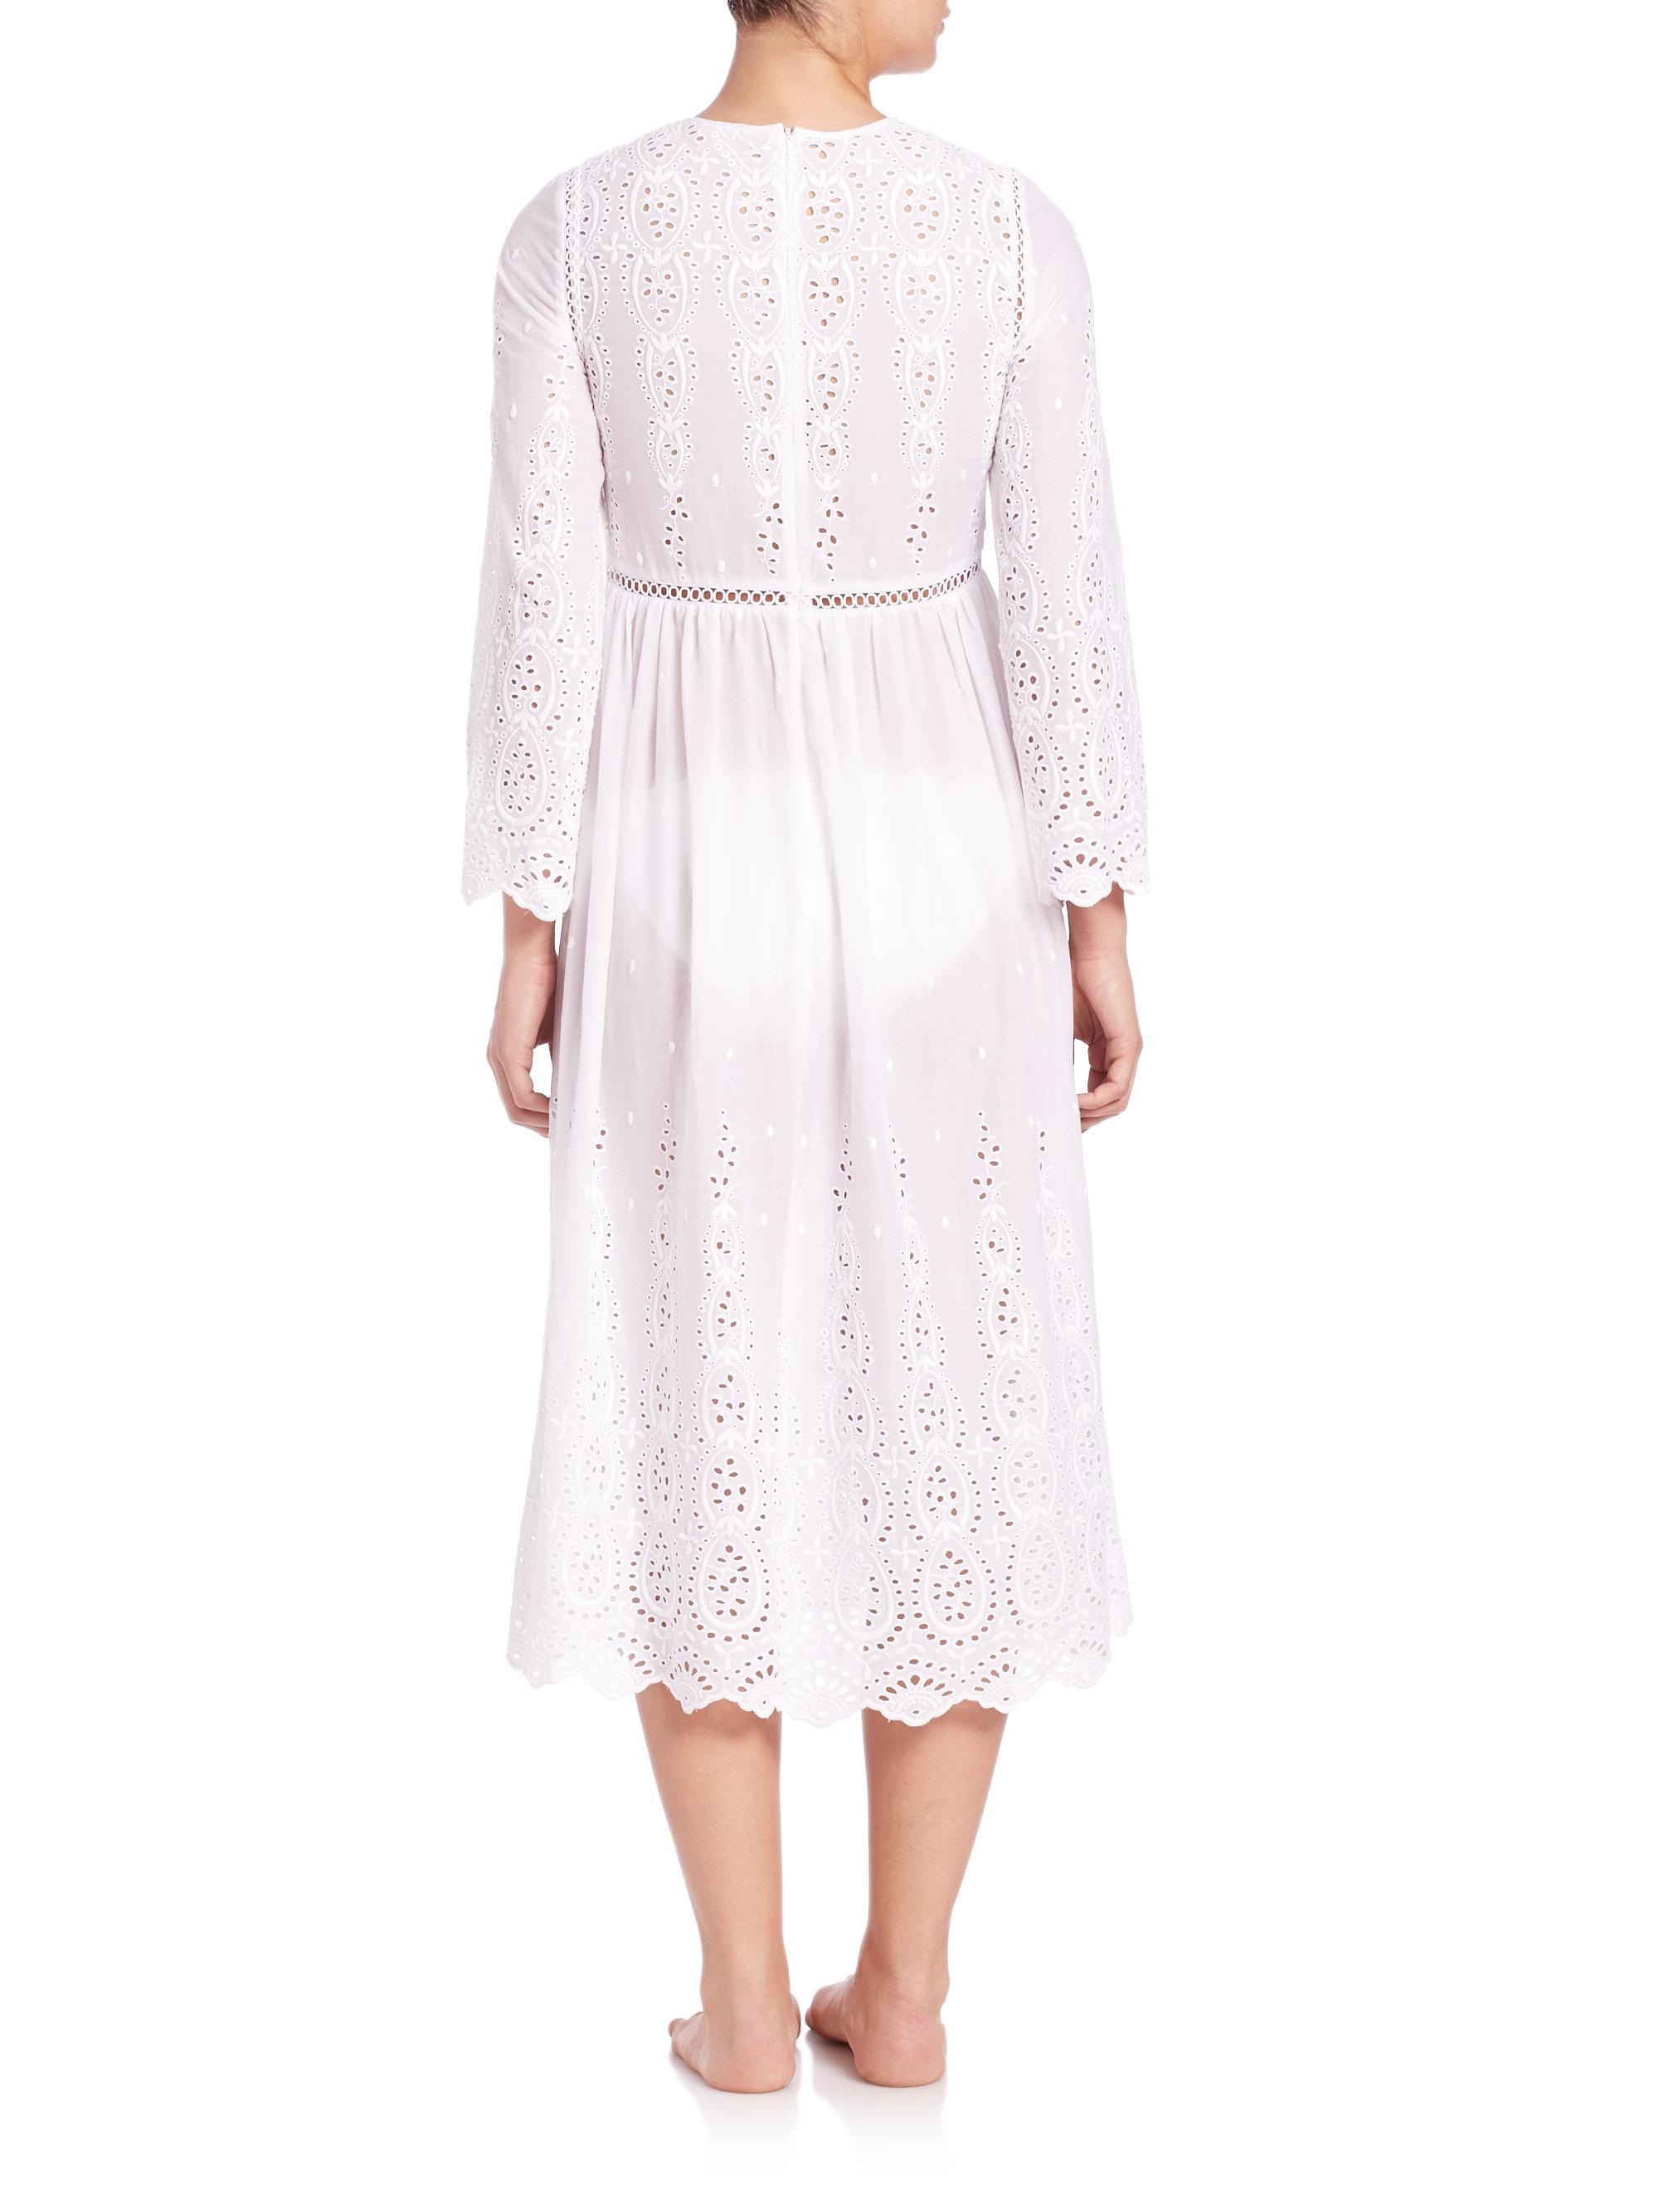 Short Sleeve Dress Shirts Walmart